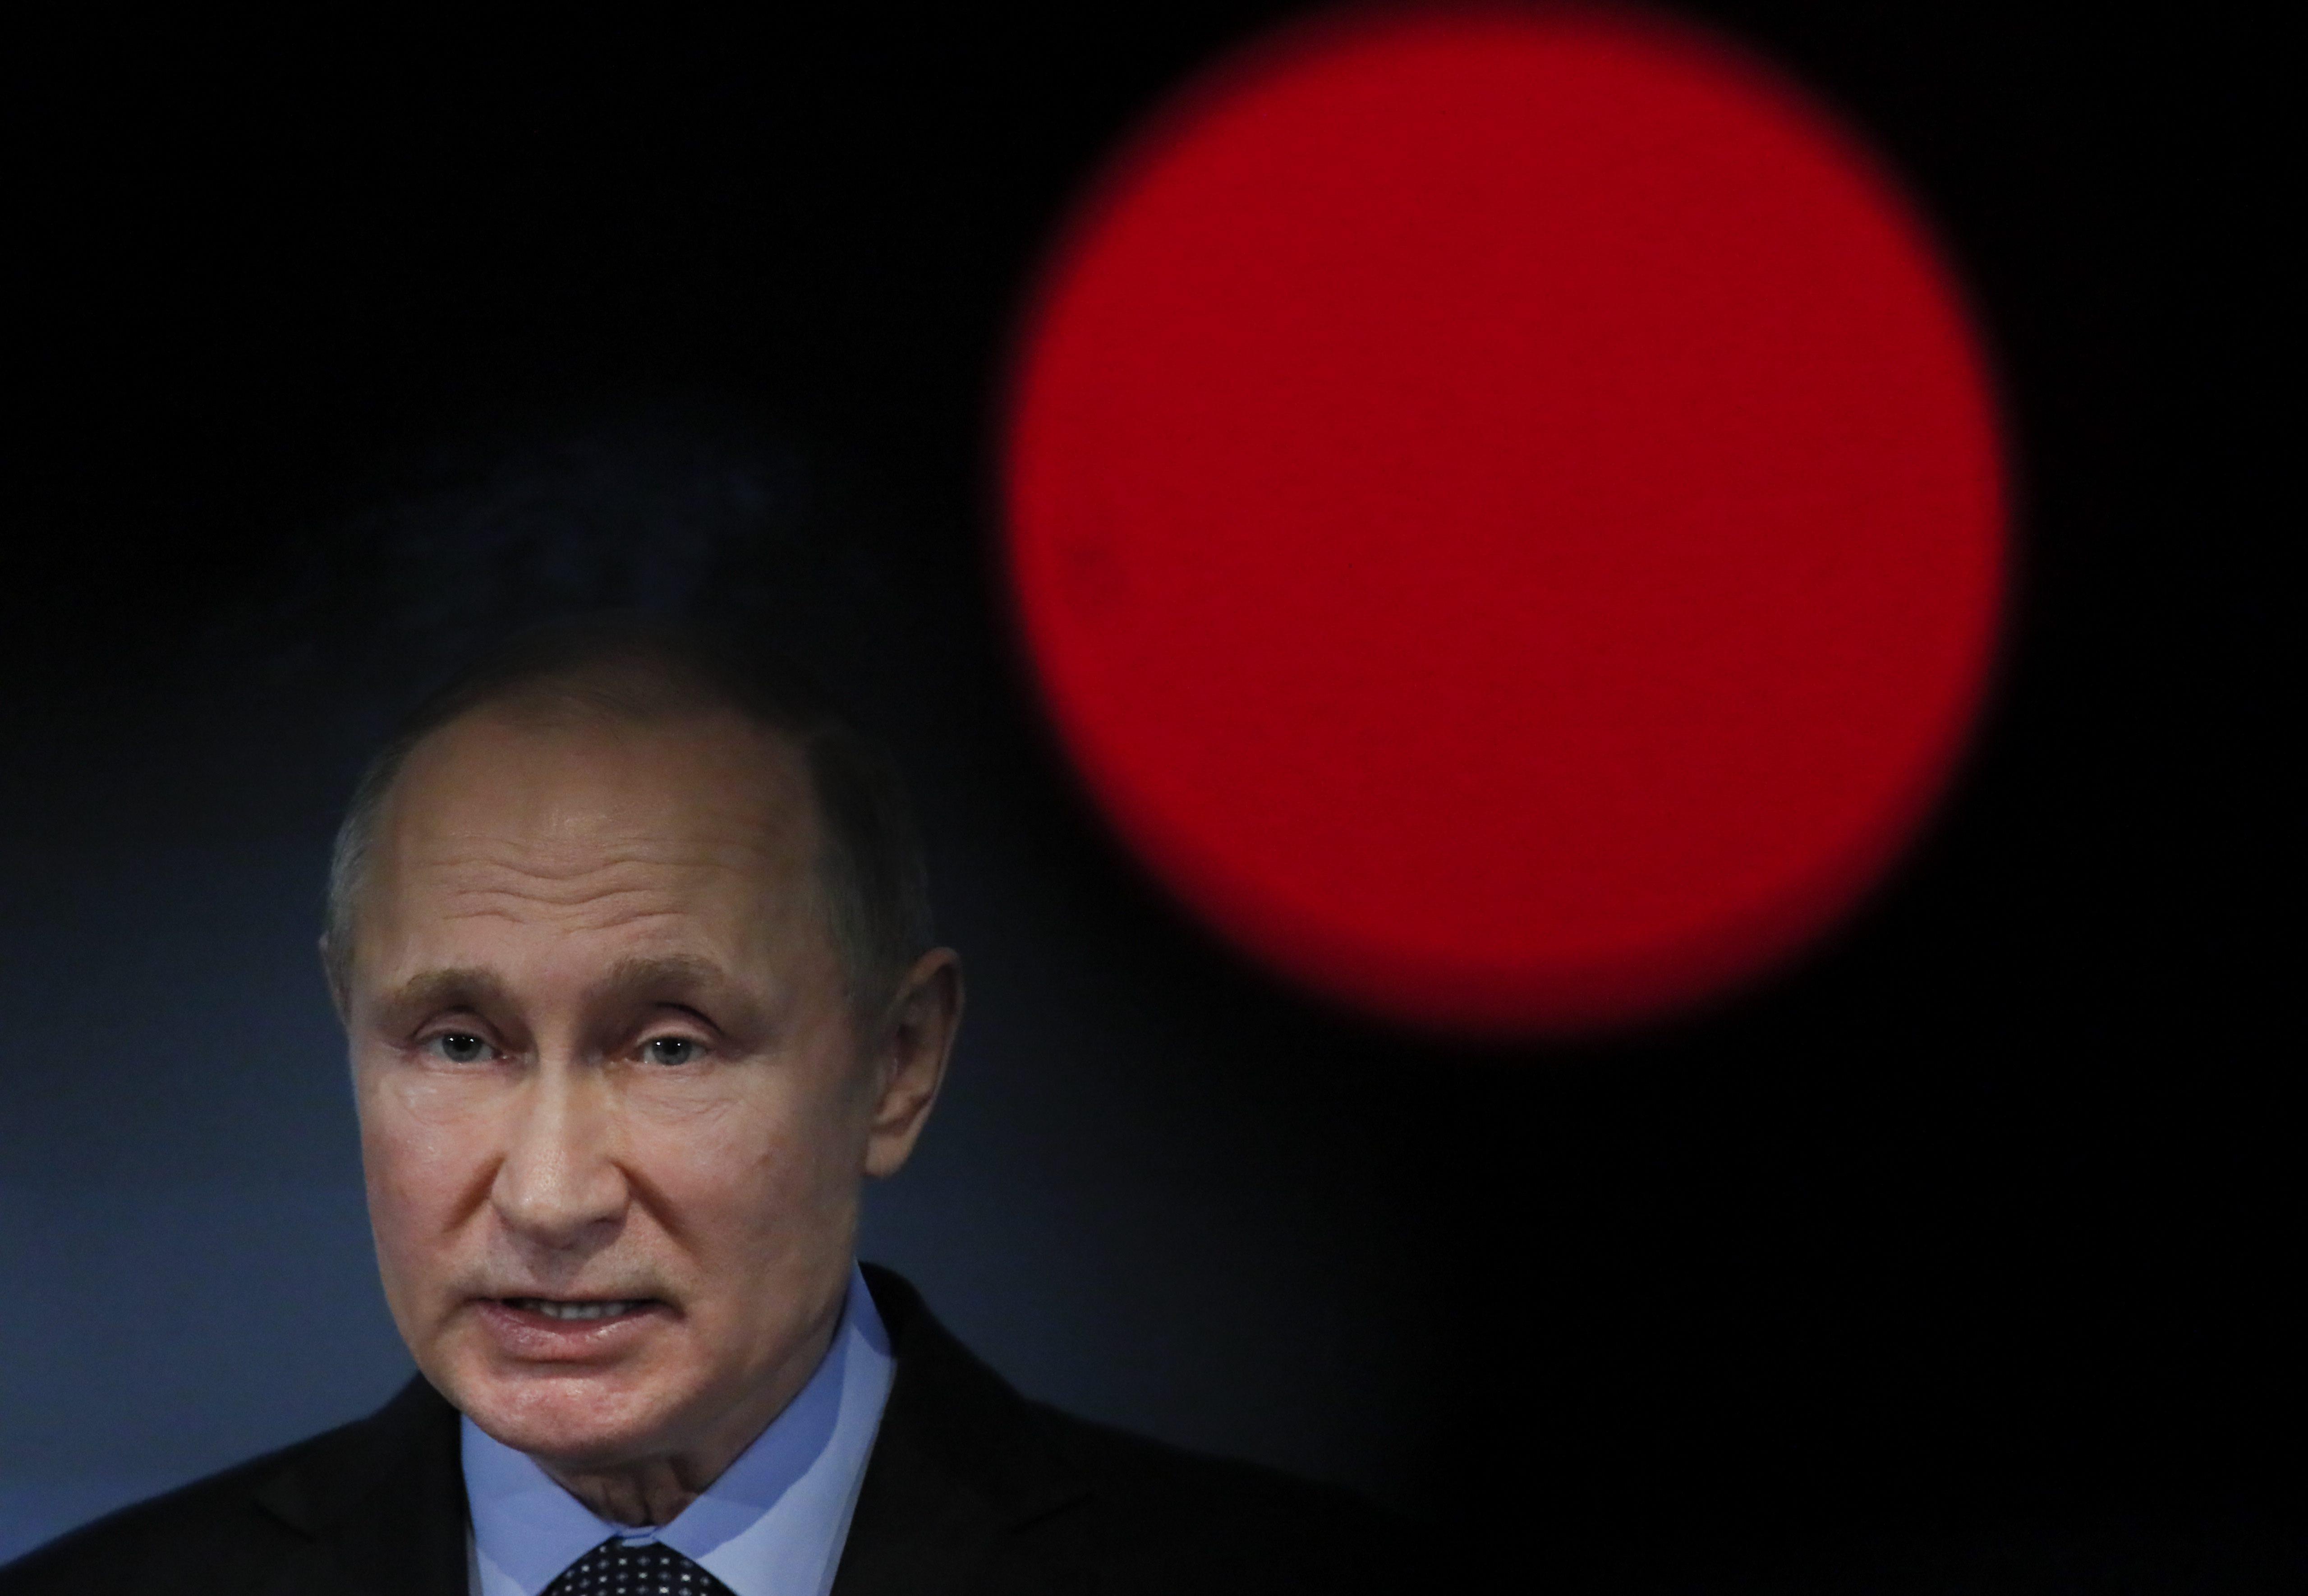 США хотят поссорить Владимира Путина с российской бизнес-элитой, считает Дмитрий Песков